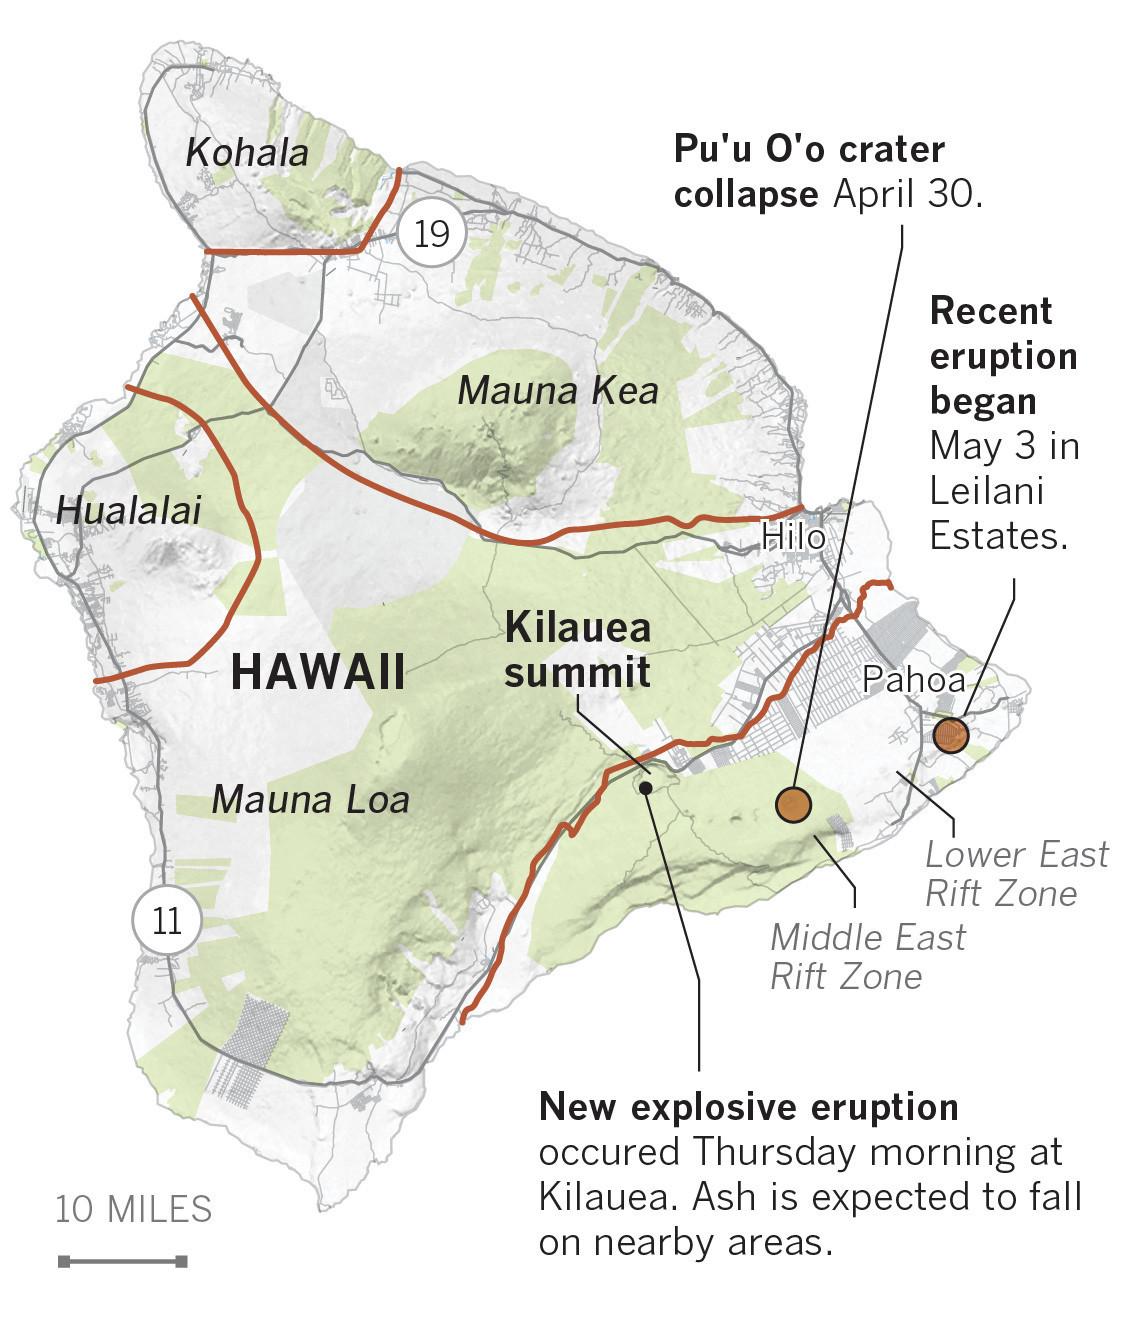 Kohala Hawaii Map.The Science Behind The Volcanic Activity On Hawaii S Big Island